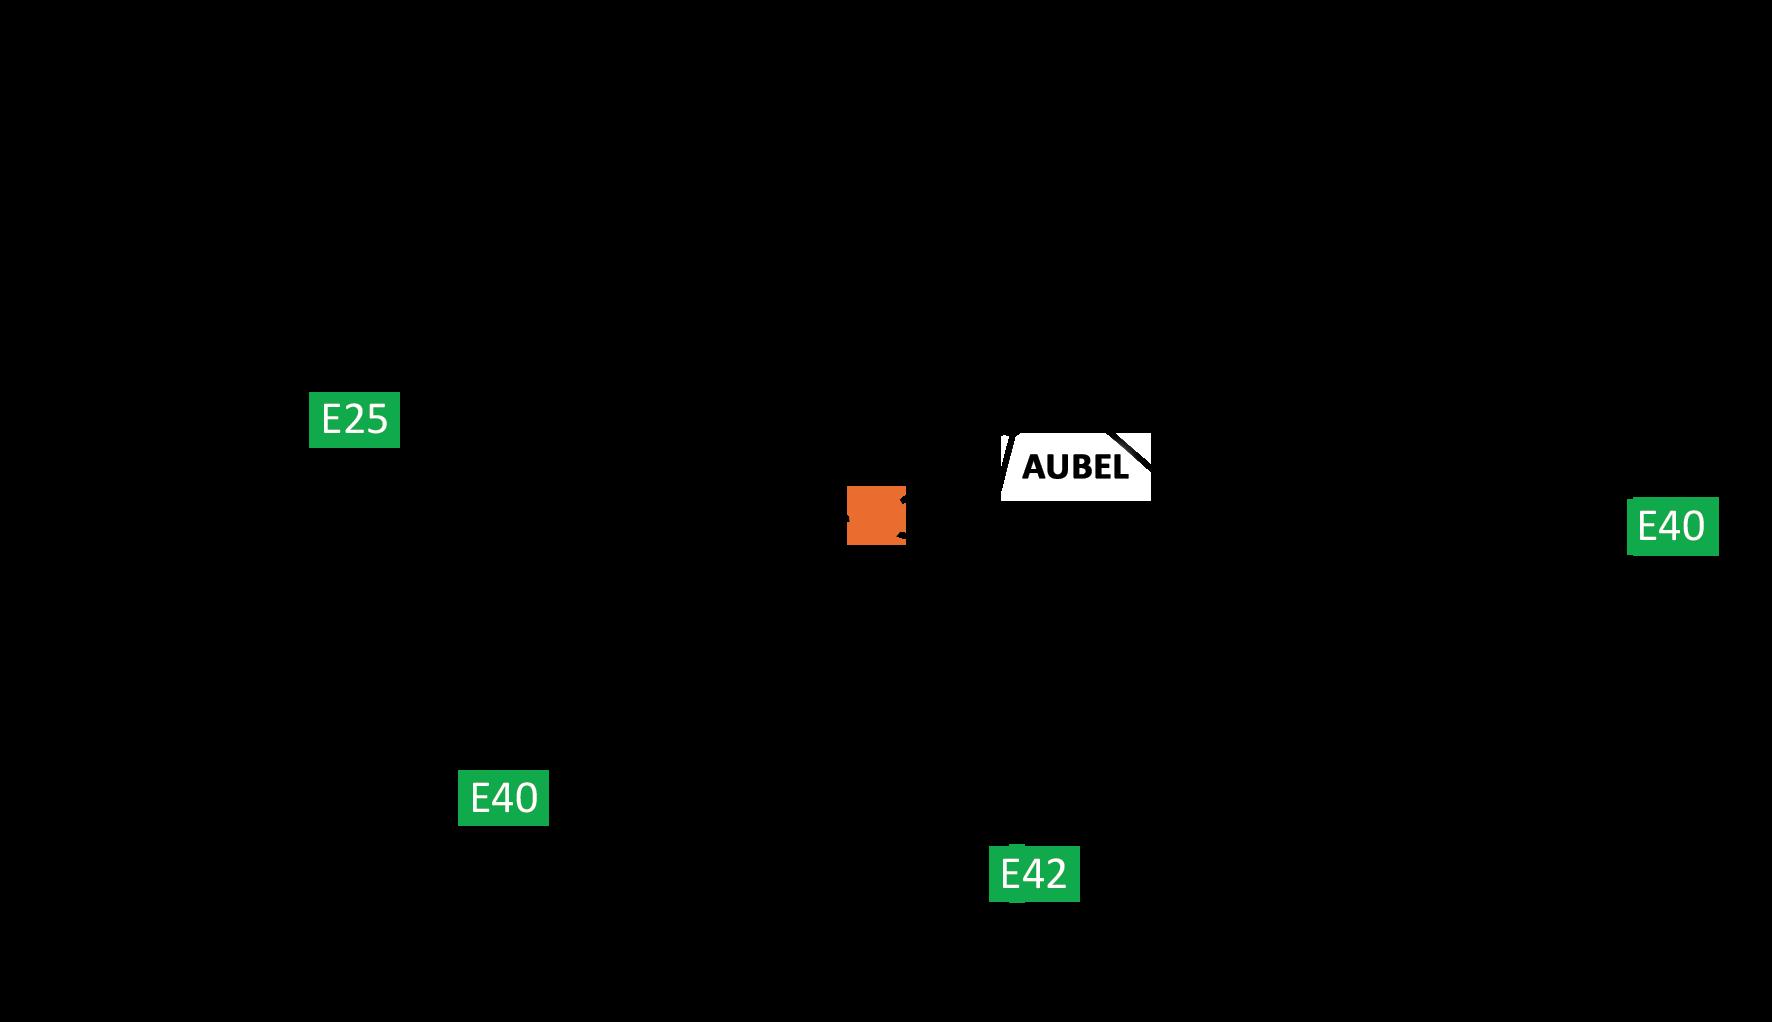 Plan-Accès-AbbayeDuValDieu-Noir-FondTransparent (002)